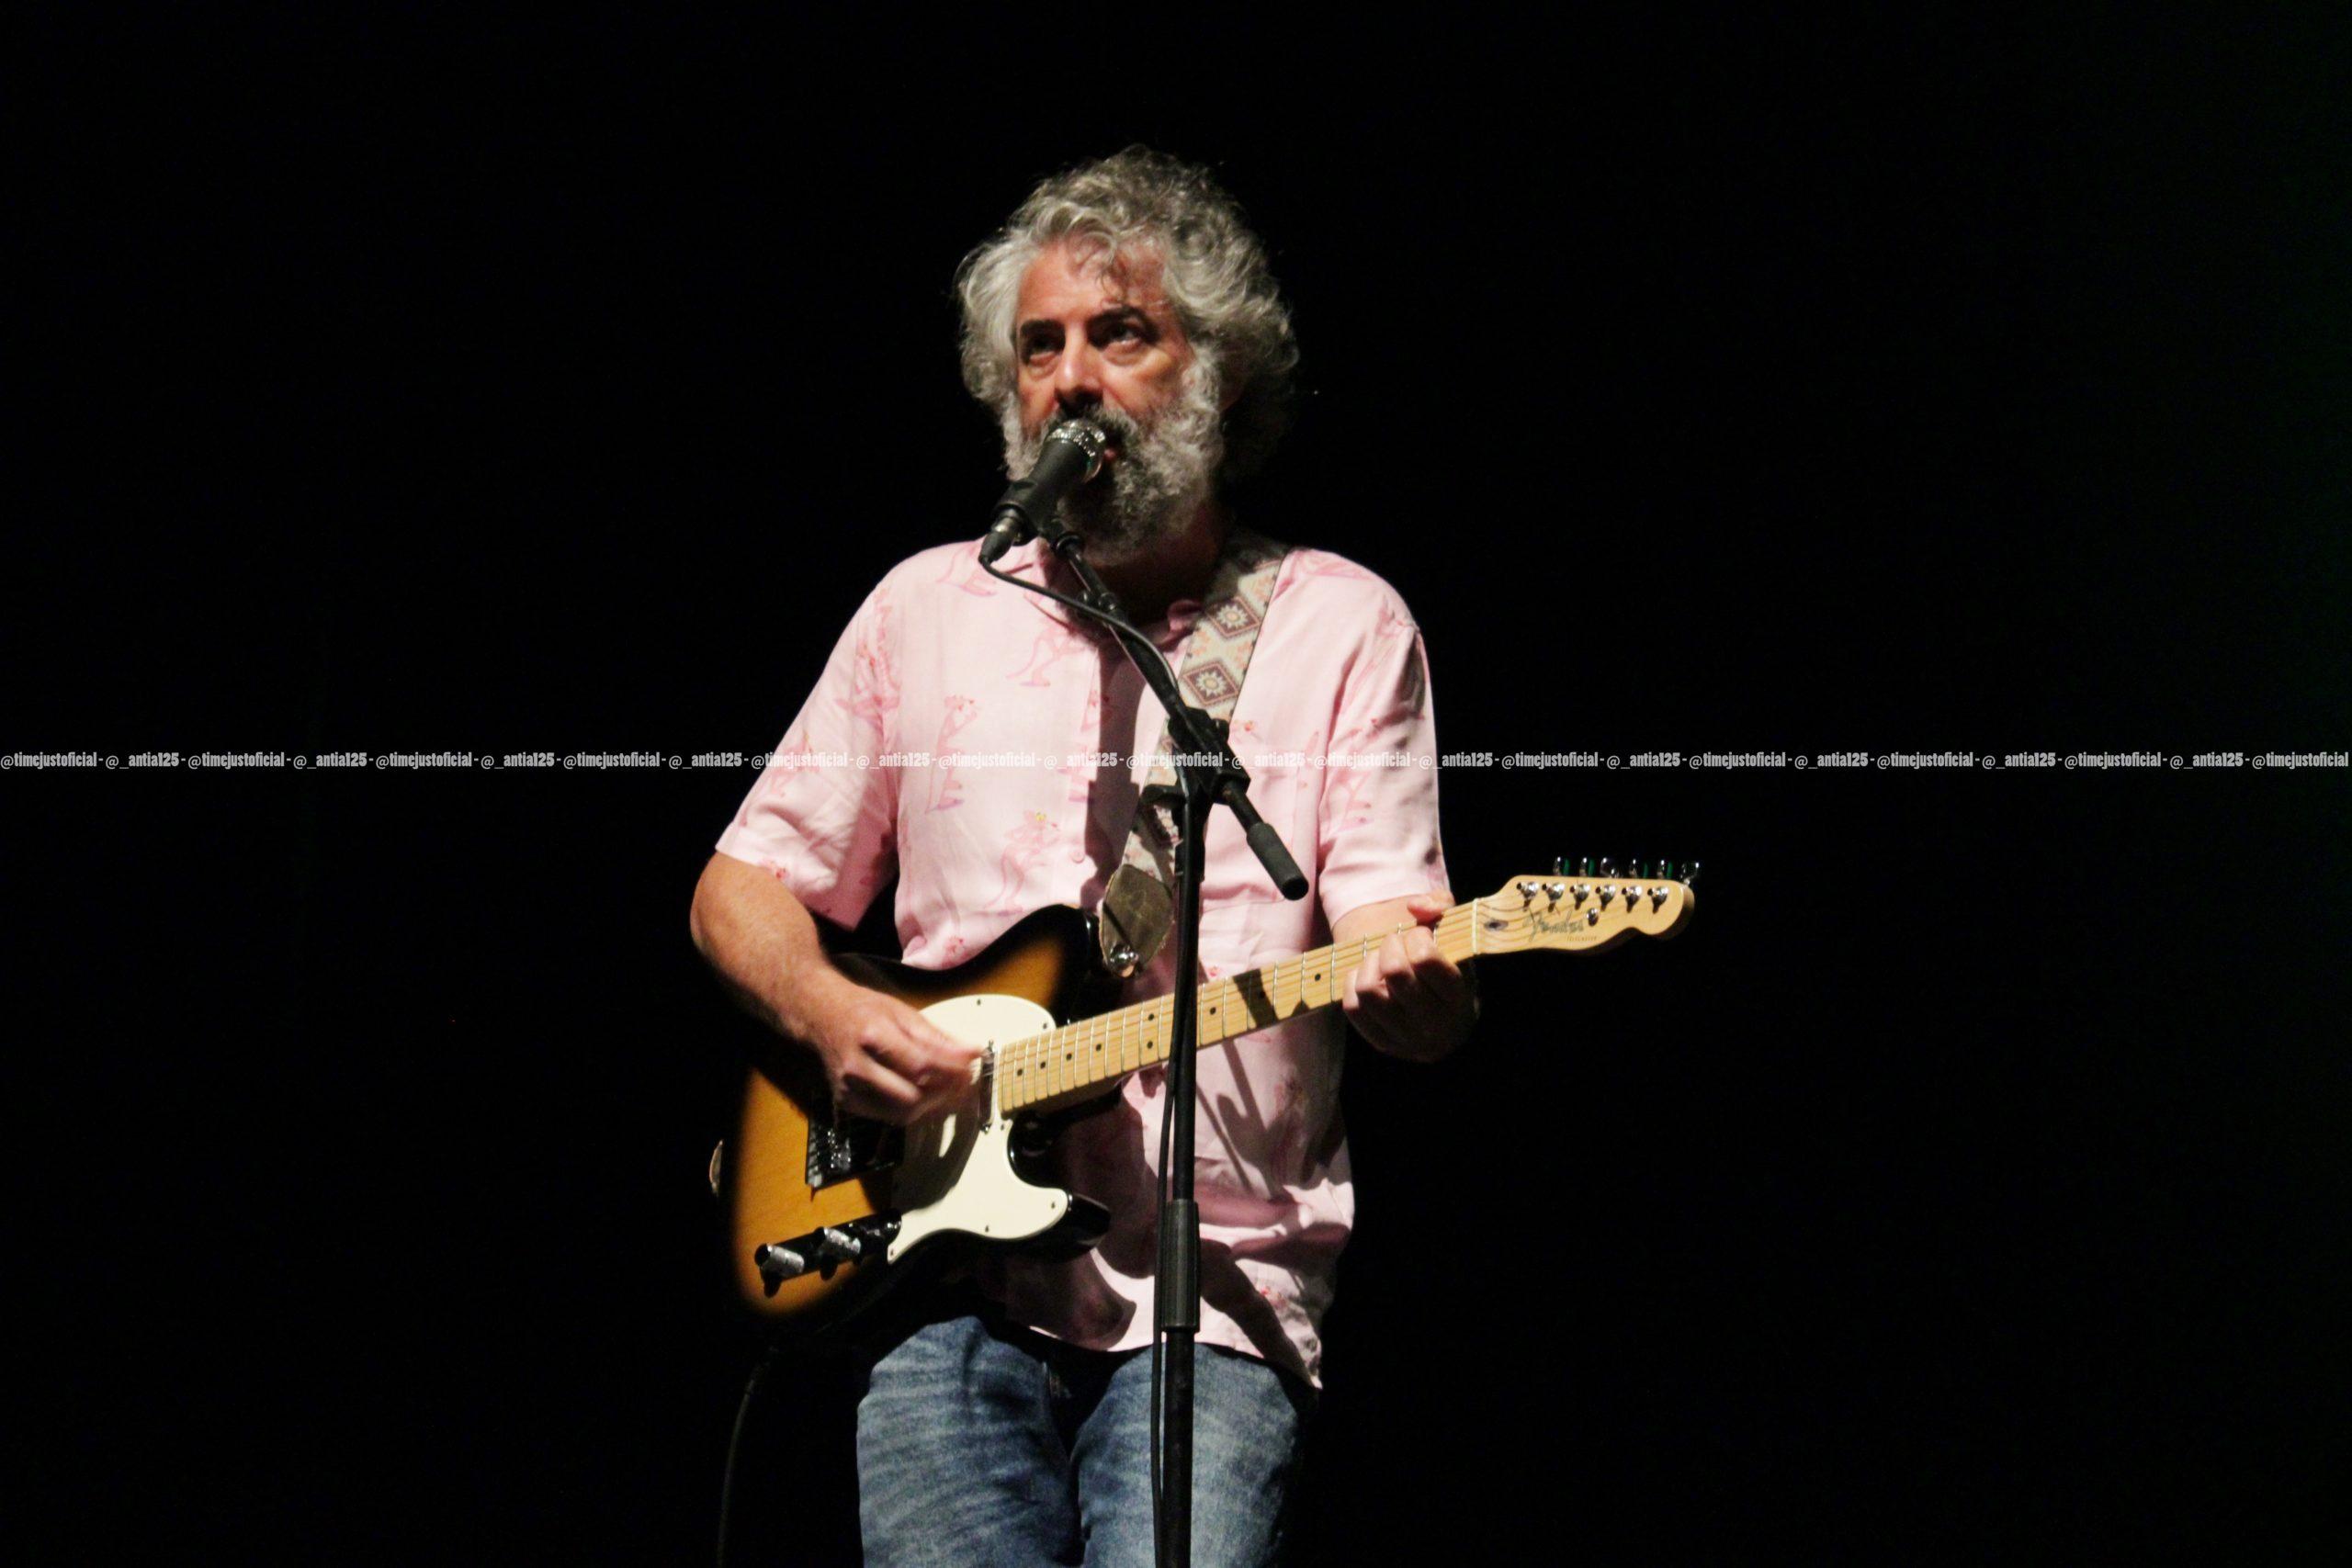 Concierto de Sr. Chinarro en el Festival TerraCeo de Vigo con el teloneo de Moon Cresta (19-06-2021) (1)